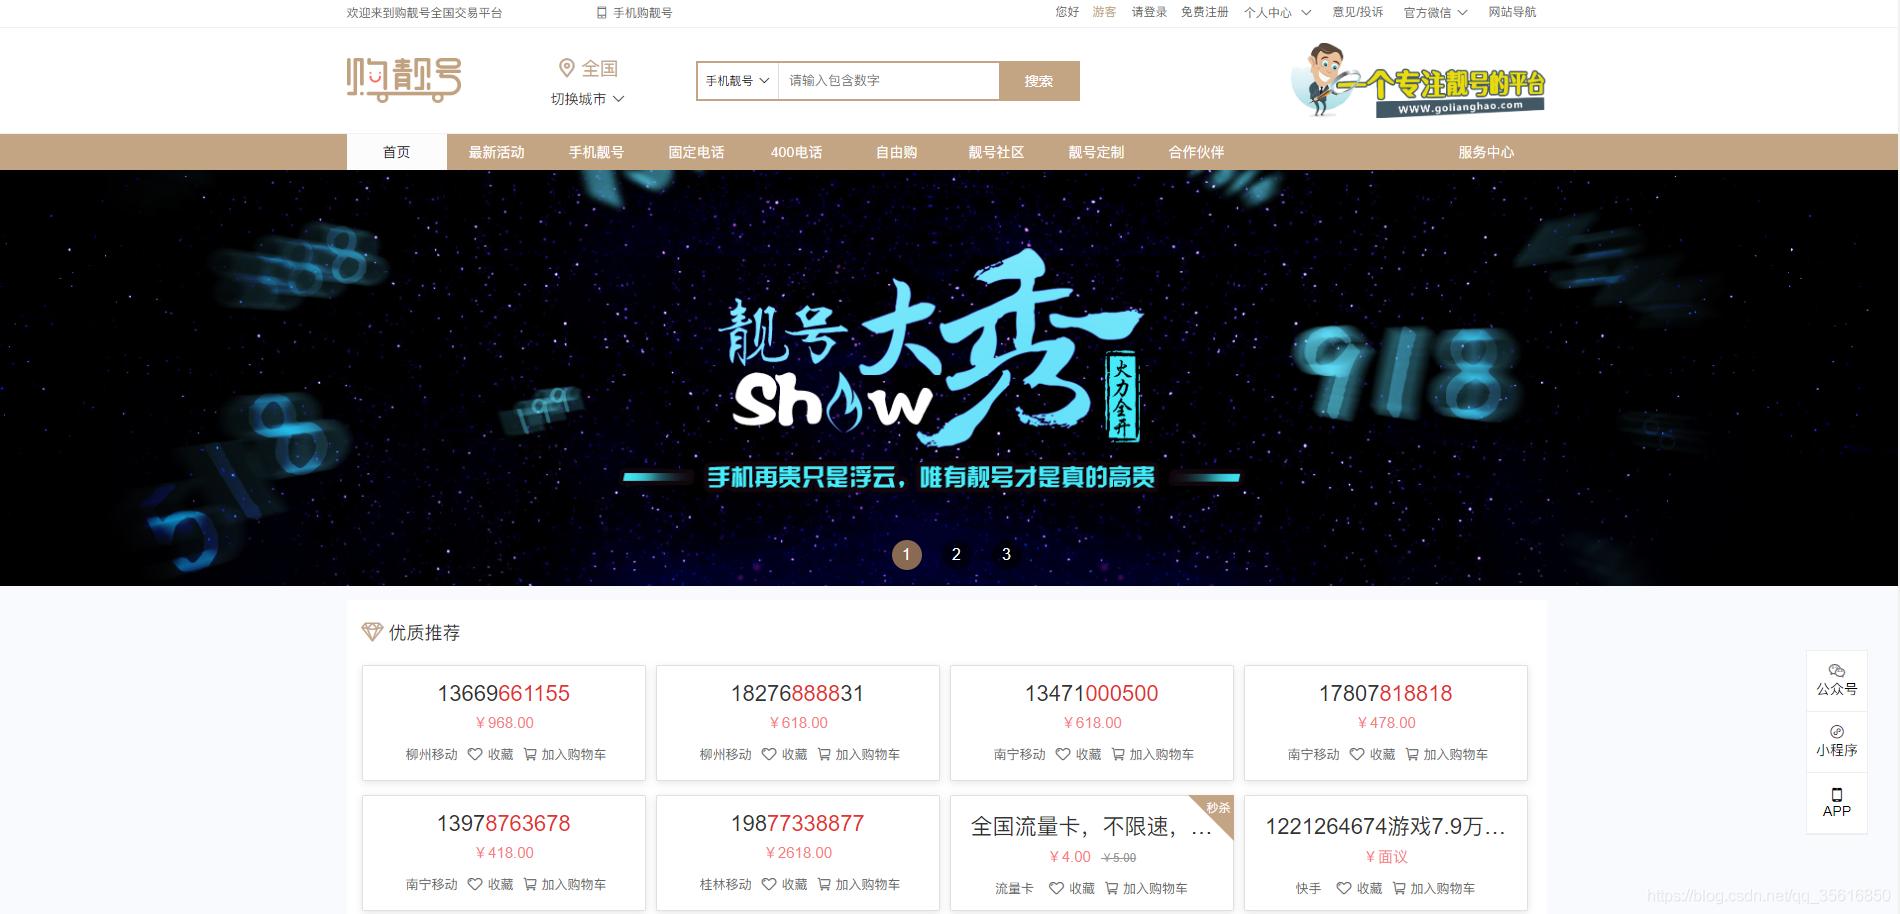 购靓号-虚拟资源交易平台首页截图